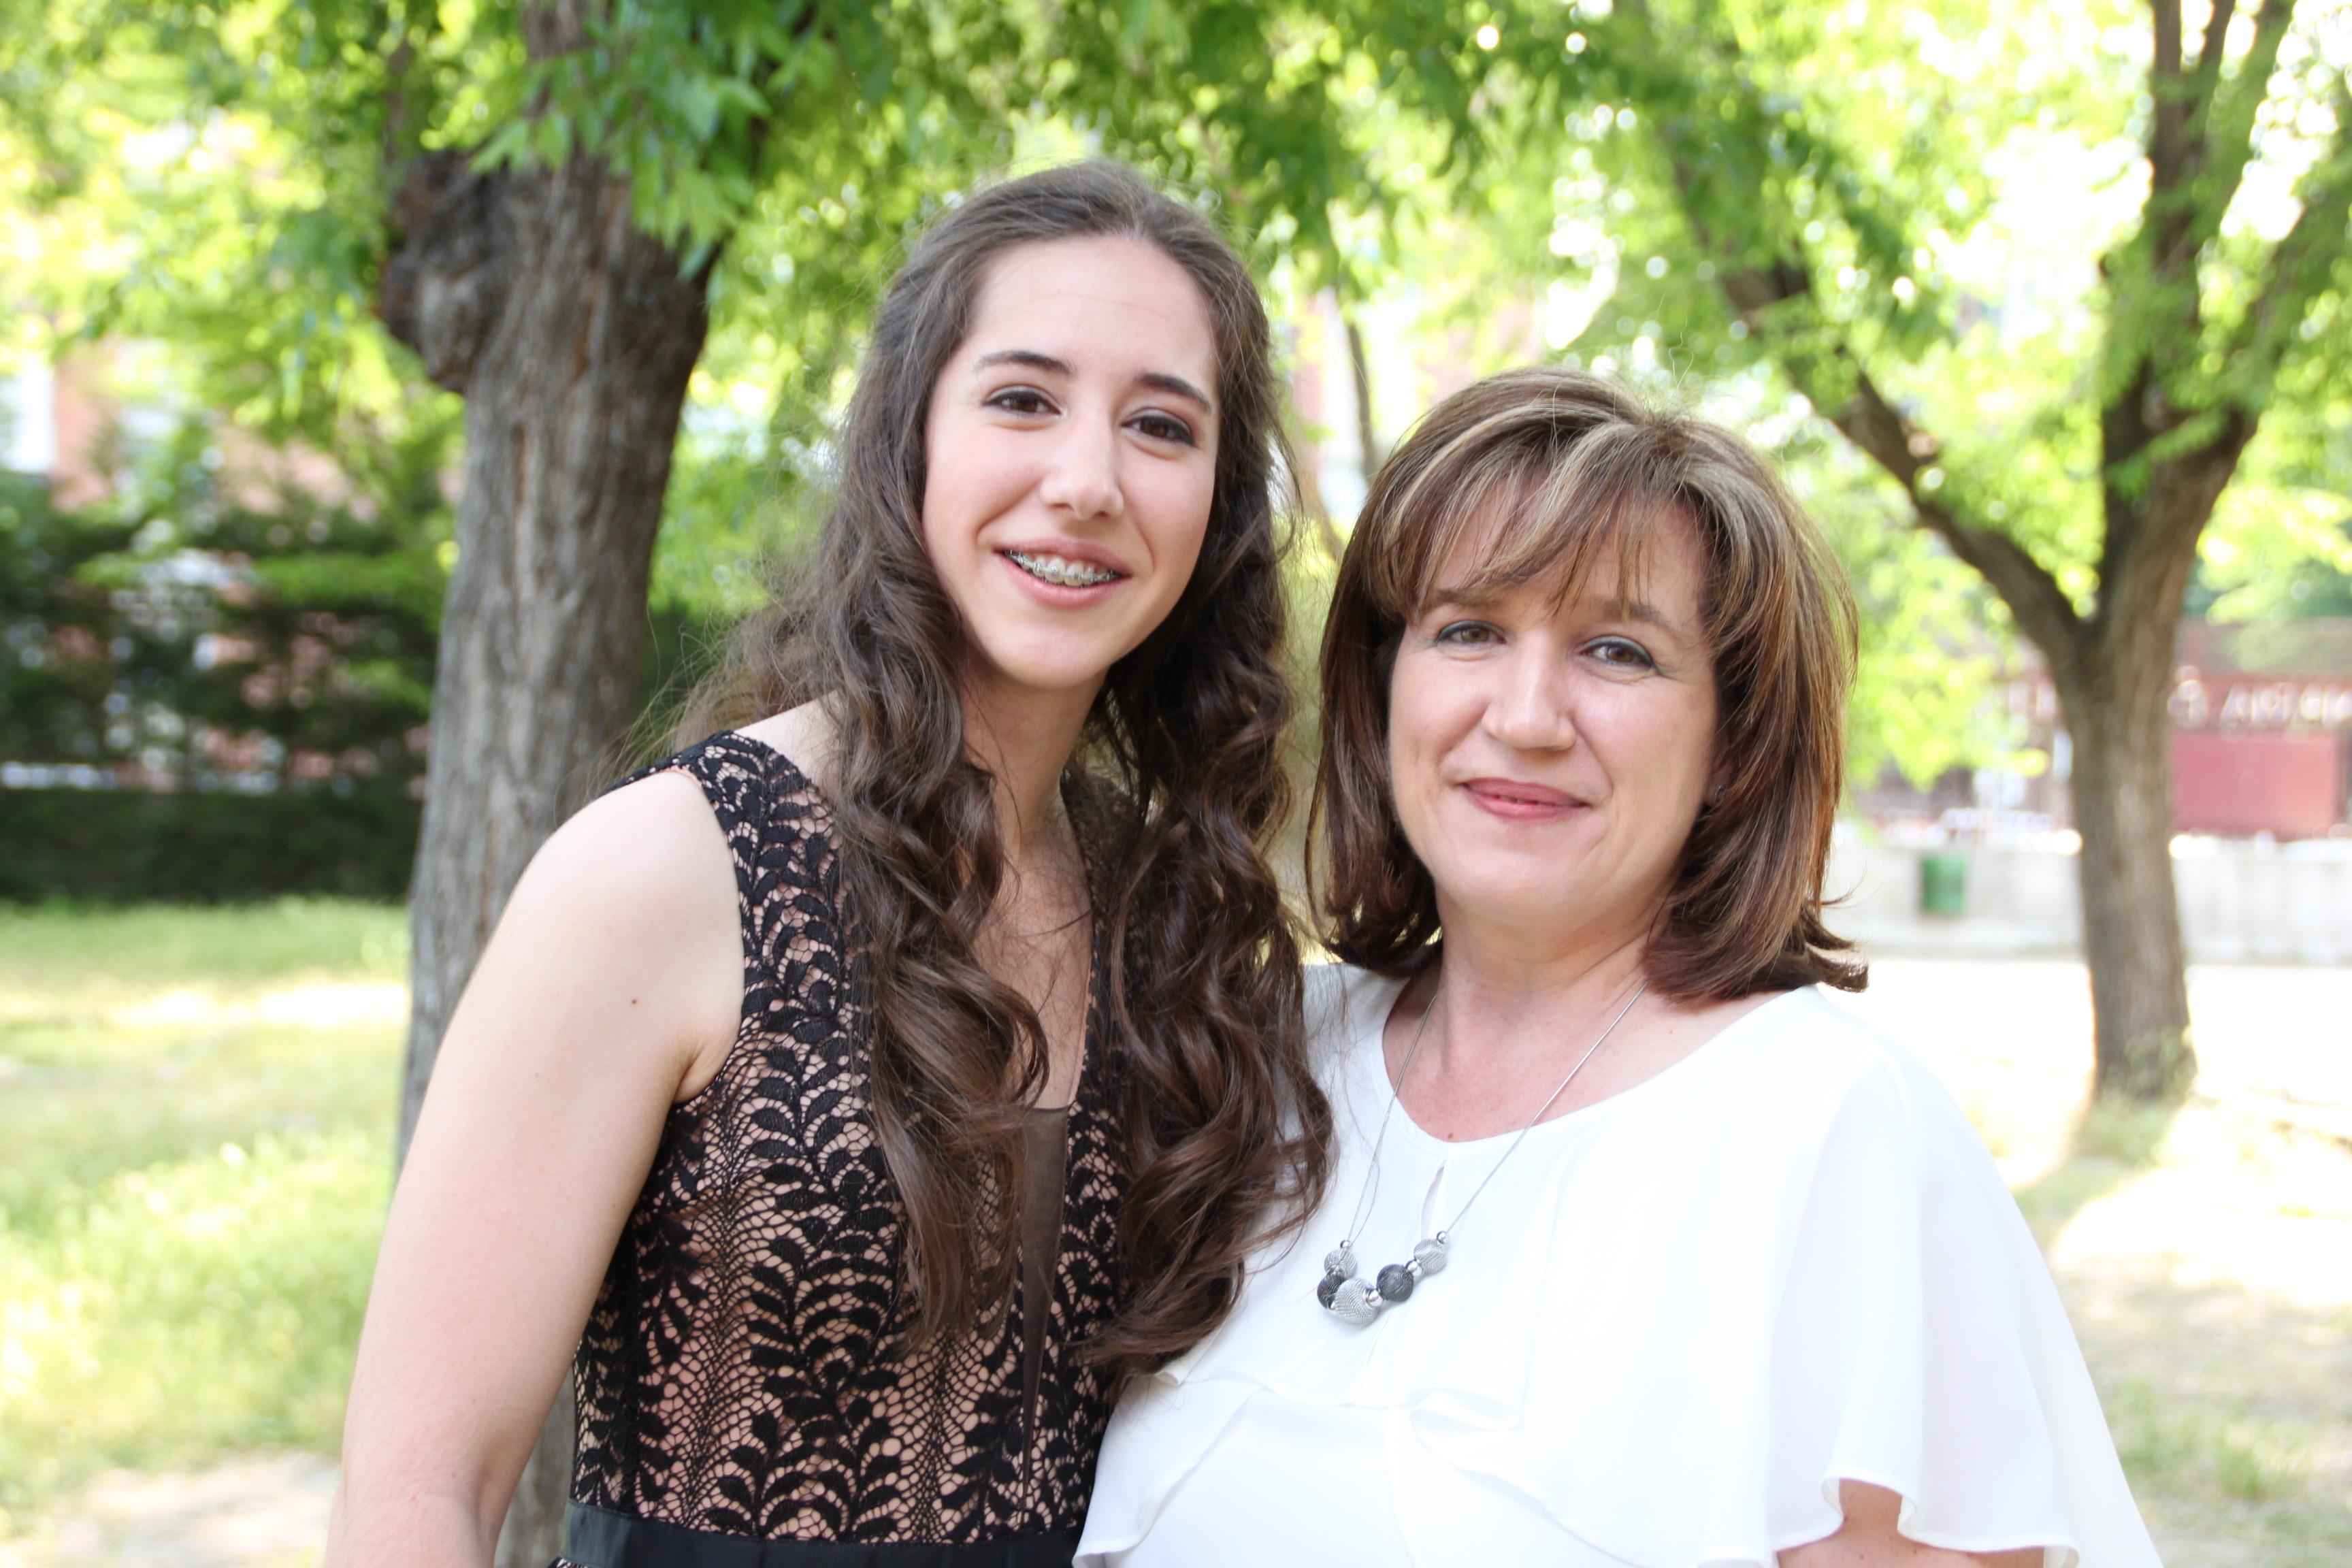 Graduación 2º bachillerato 2017-2018. IES María de Molina (Madrid) (2/2) 50